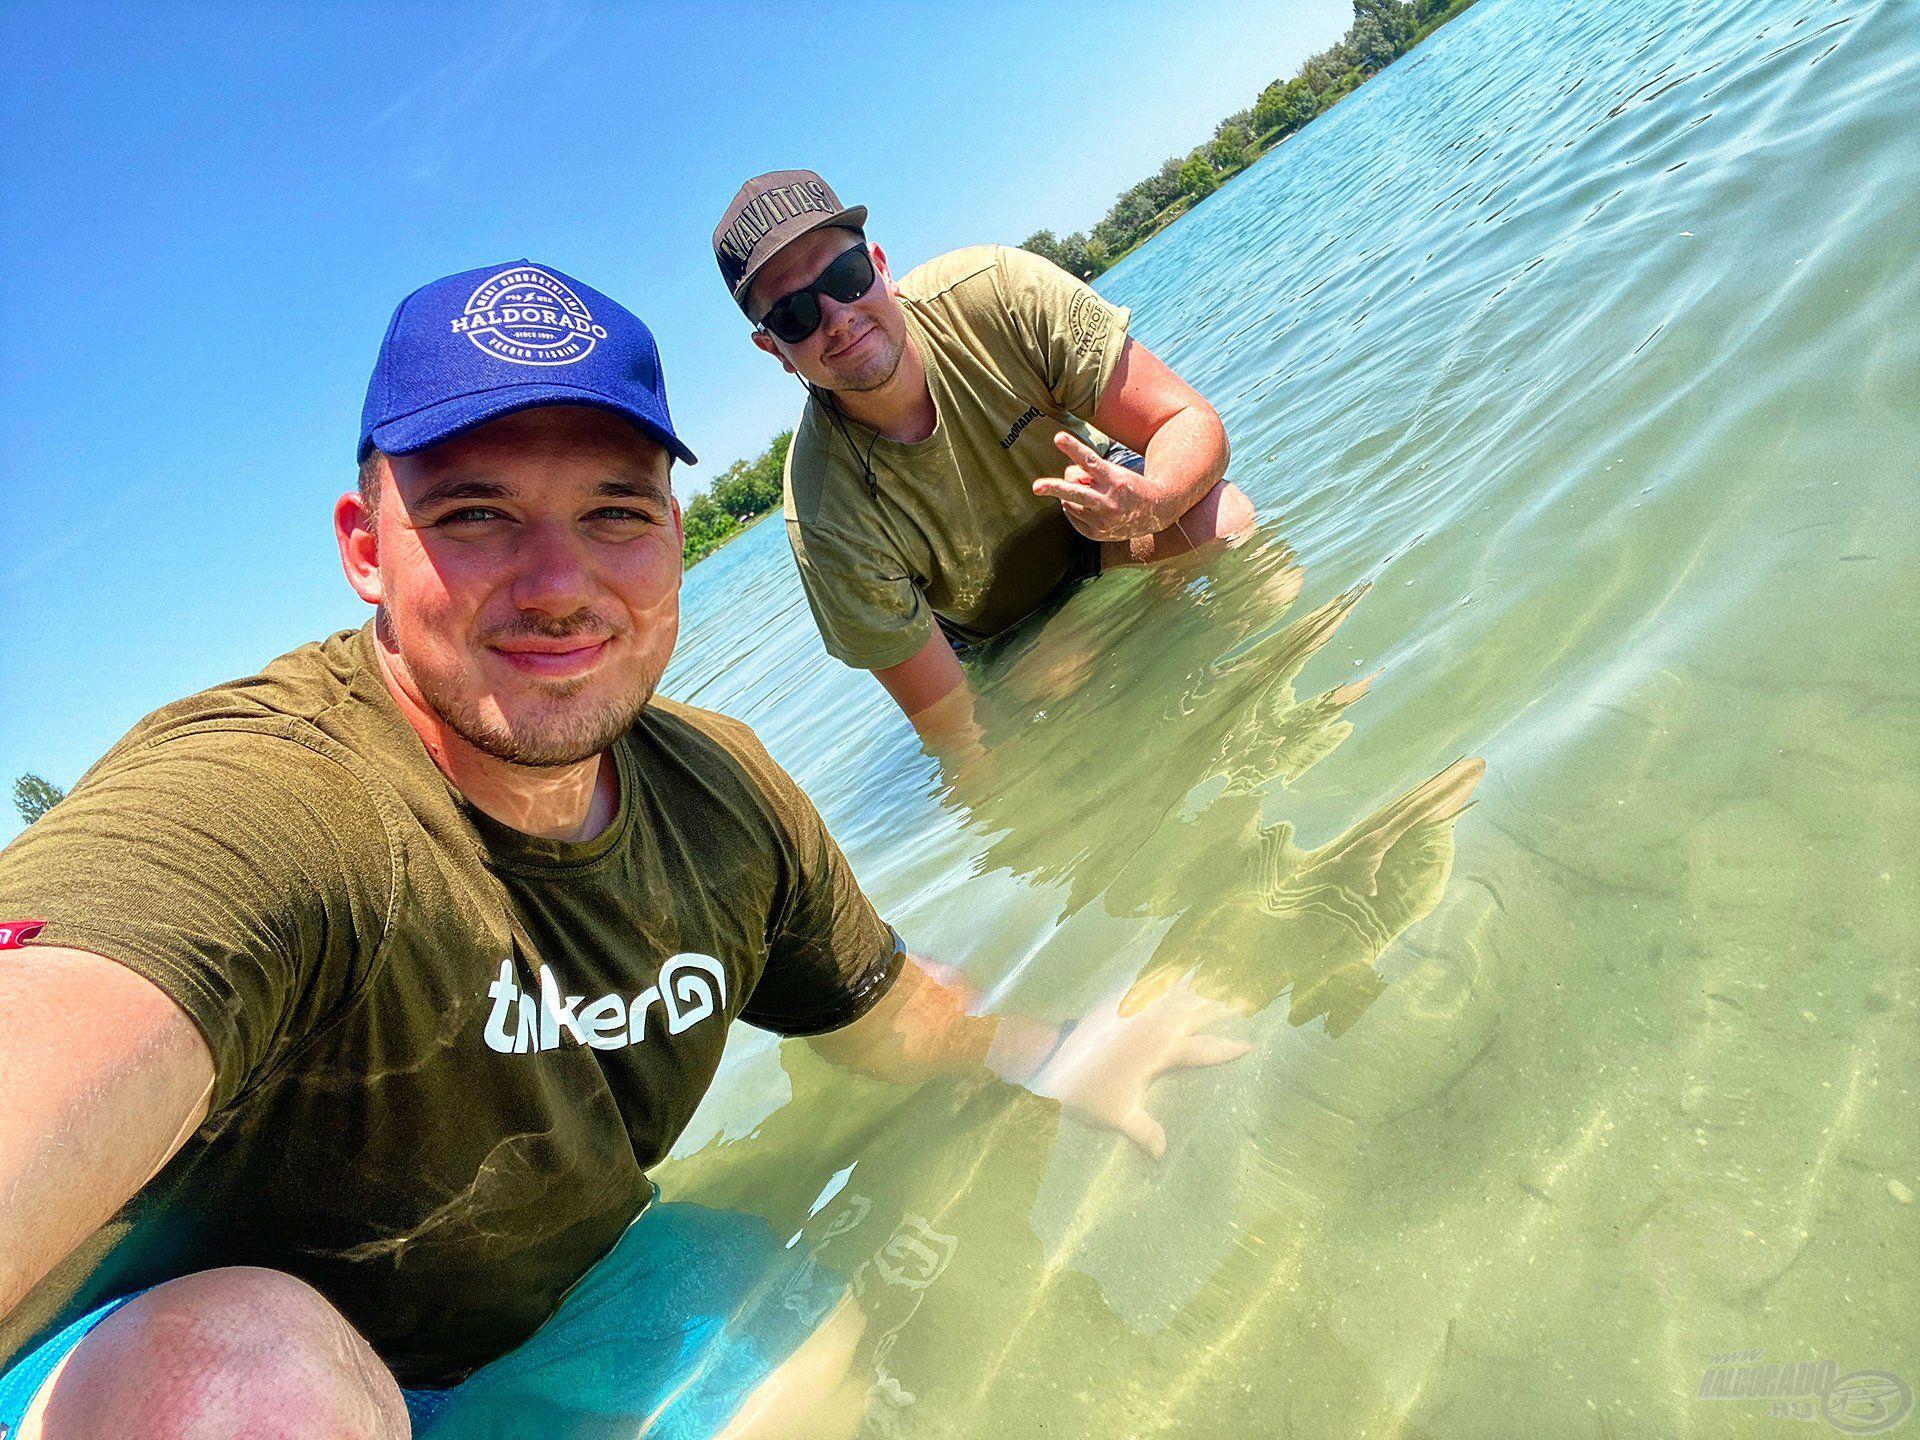 Rokolya Peti barátommal egy remek horgásztúrát töltöttünk júliusban a Dabasi kavicsbánya tónál